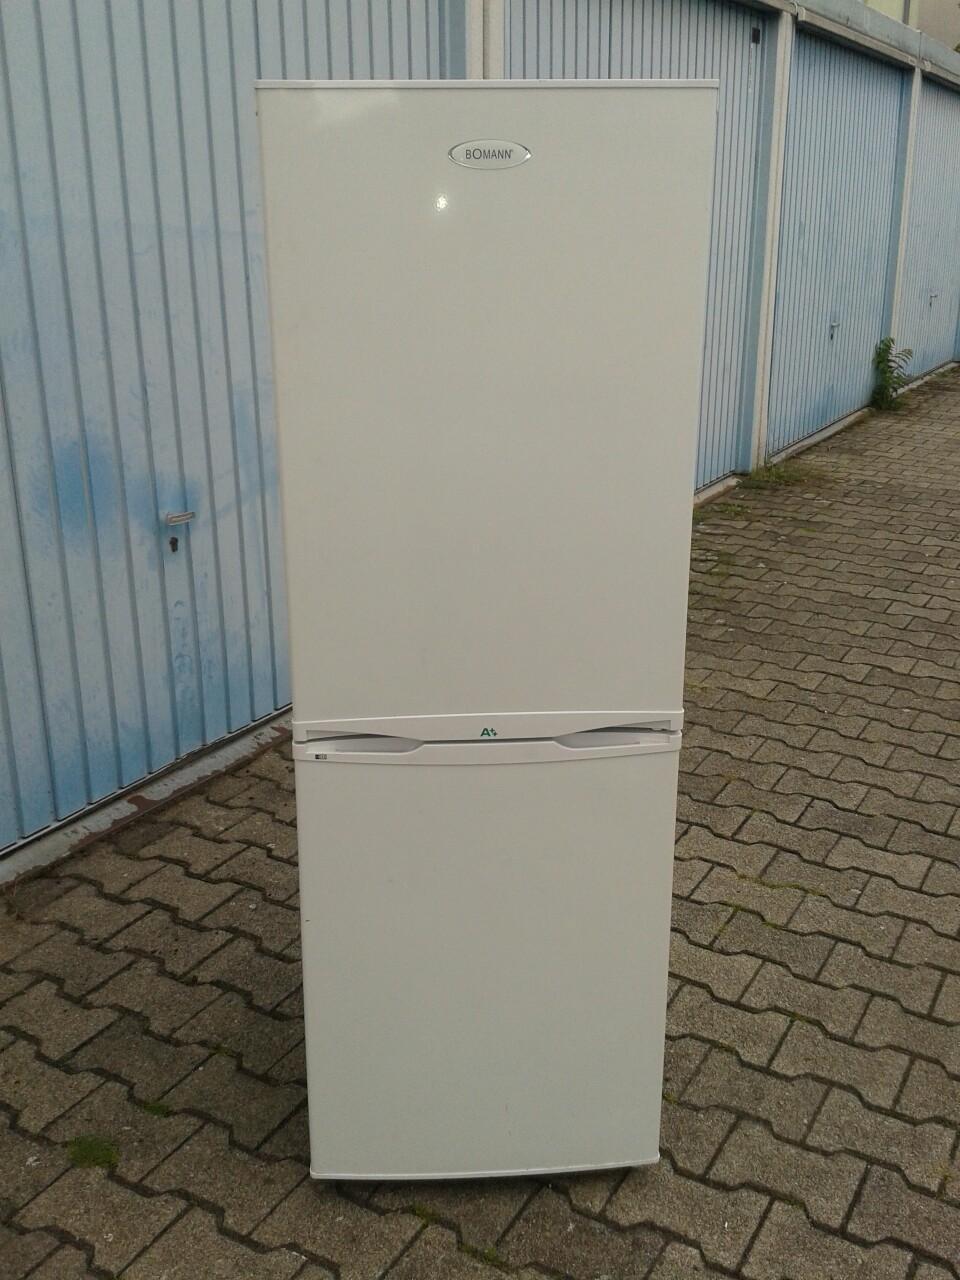 Bomann Kühlschrank Glasablage : Gebraucht kühlschrank von bomann kg in mannheim um